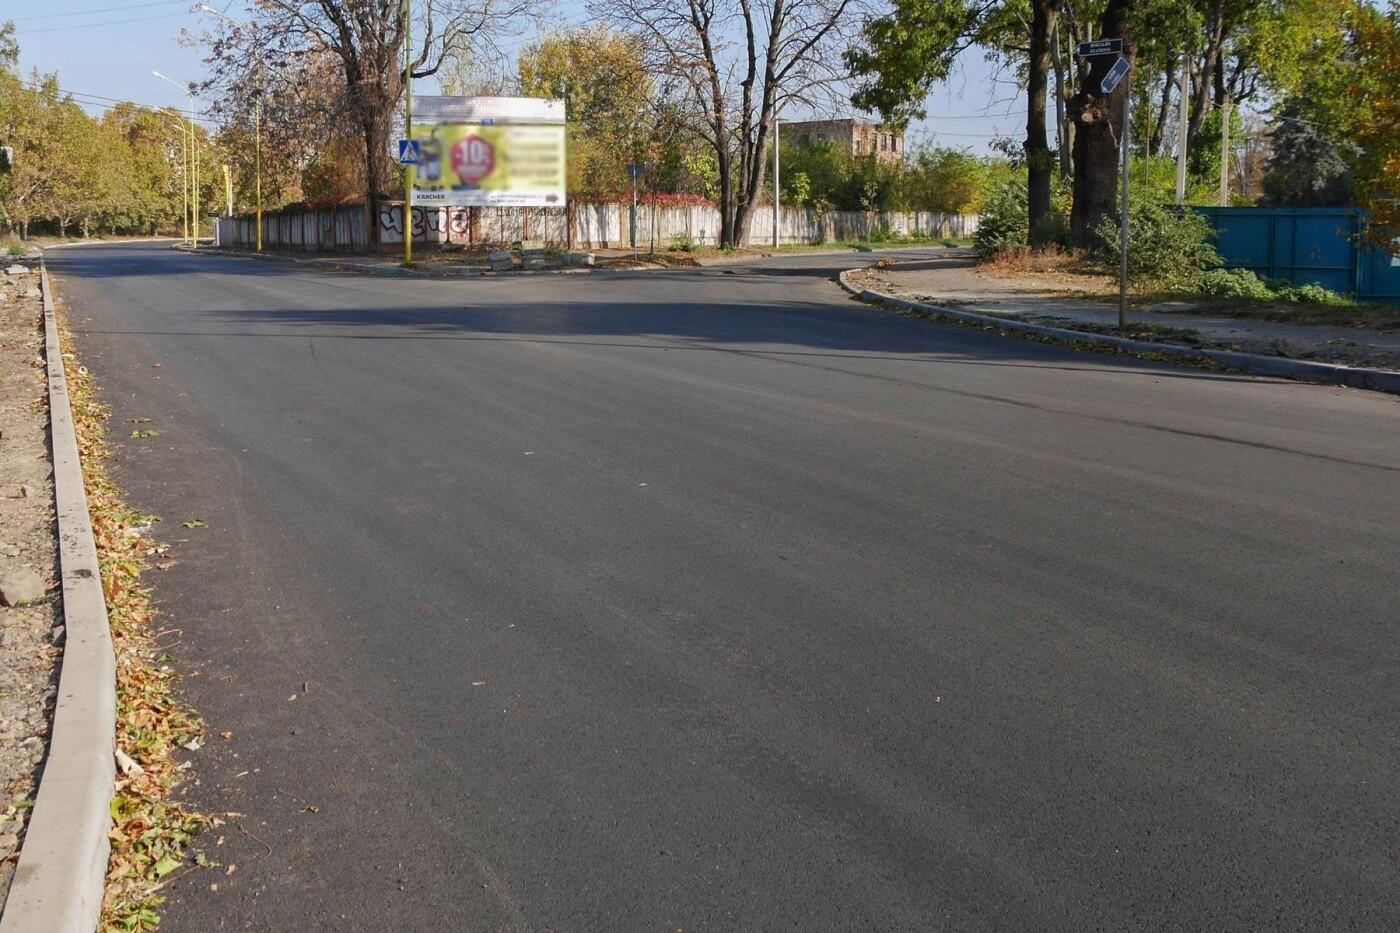 Не минуло й року: в Ужгороді відкрили проїзд вулицею Шумною, фото-1